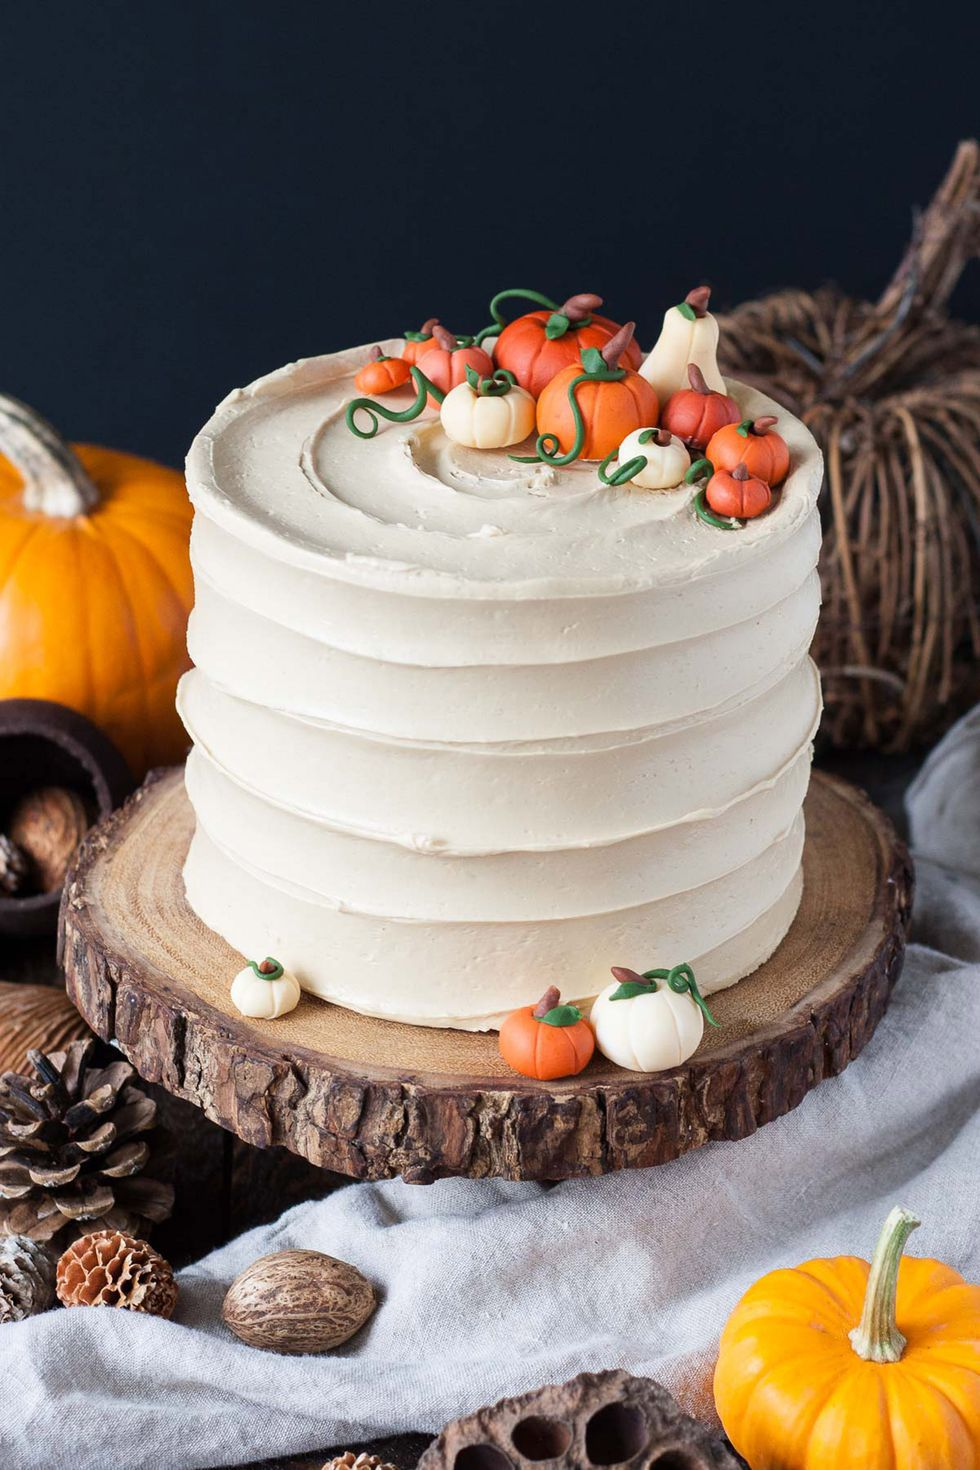 halloween-dinner-party-cake-1536679426.jpg